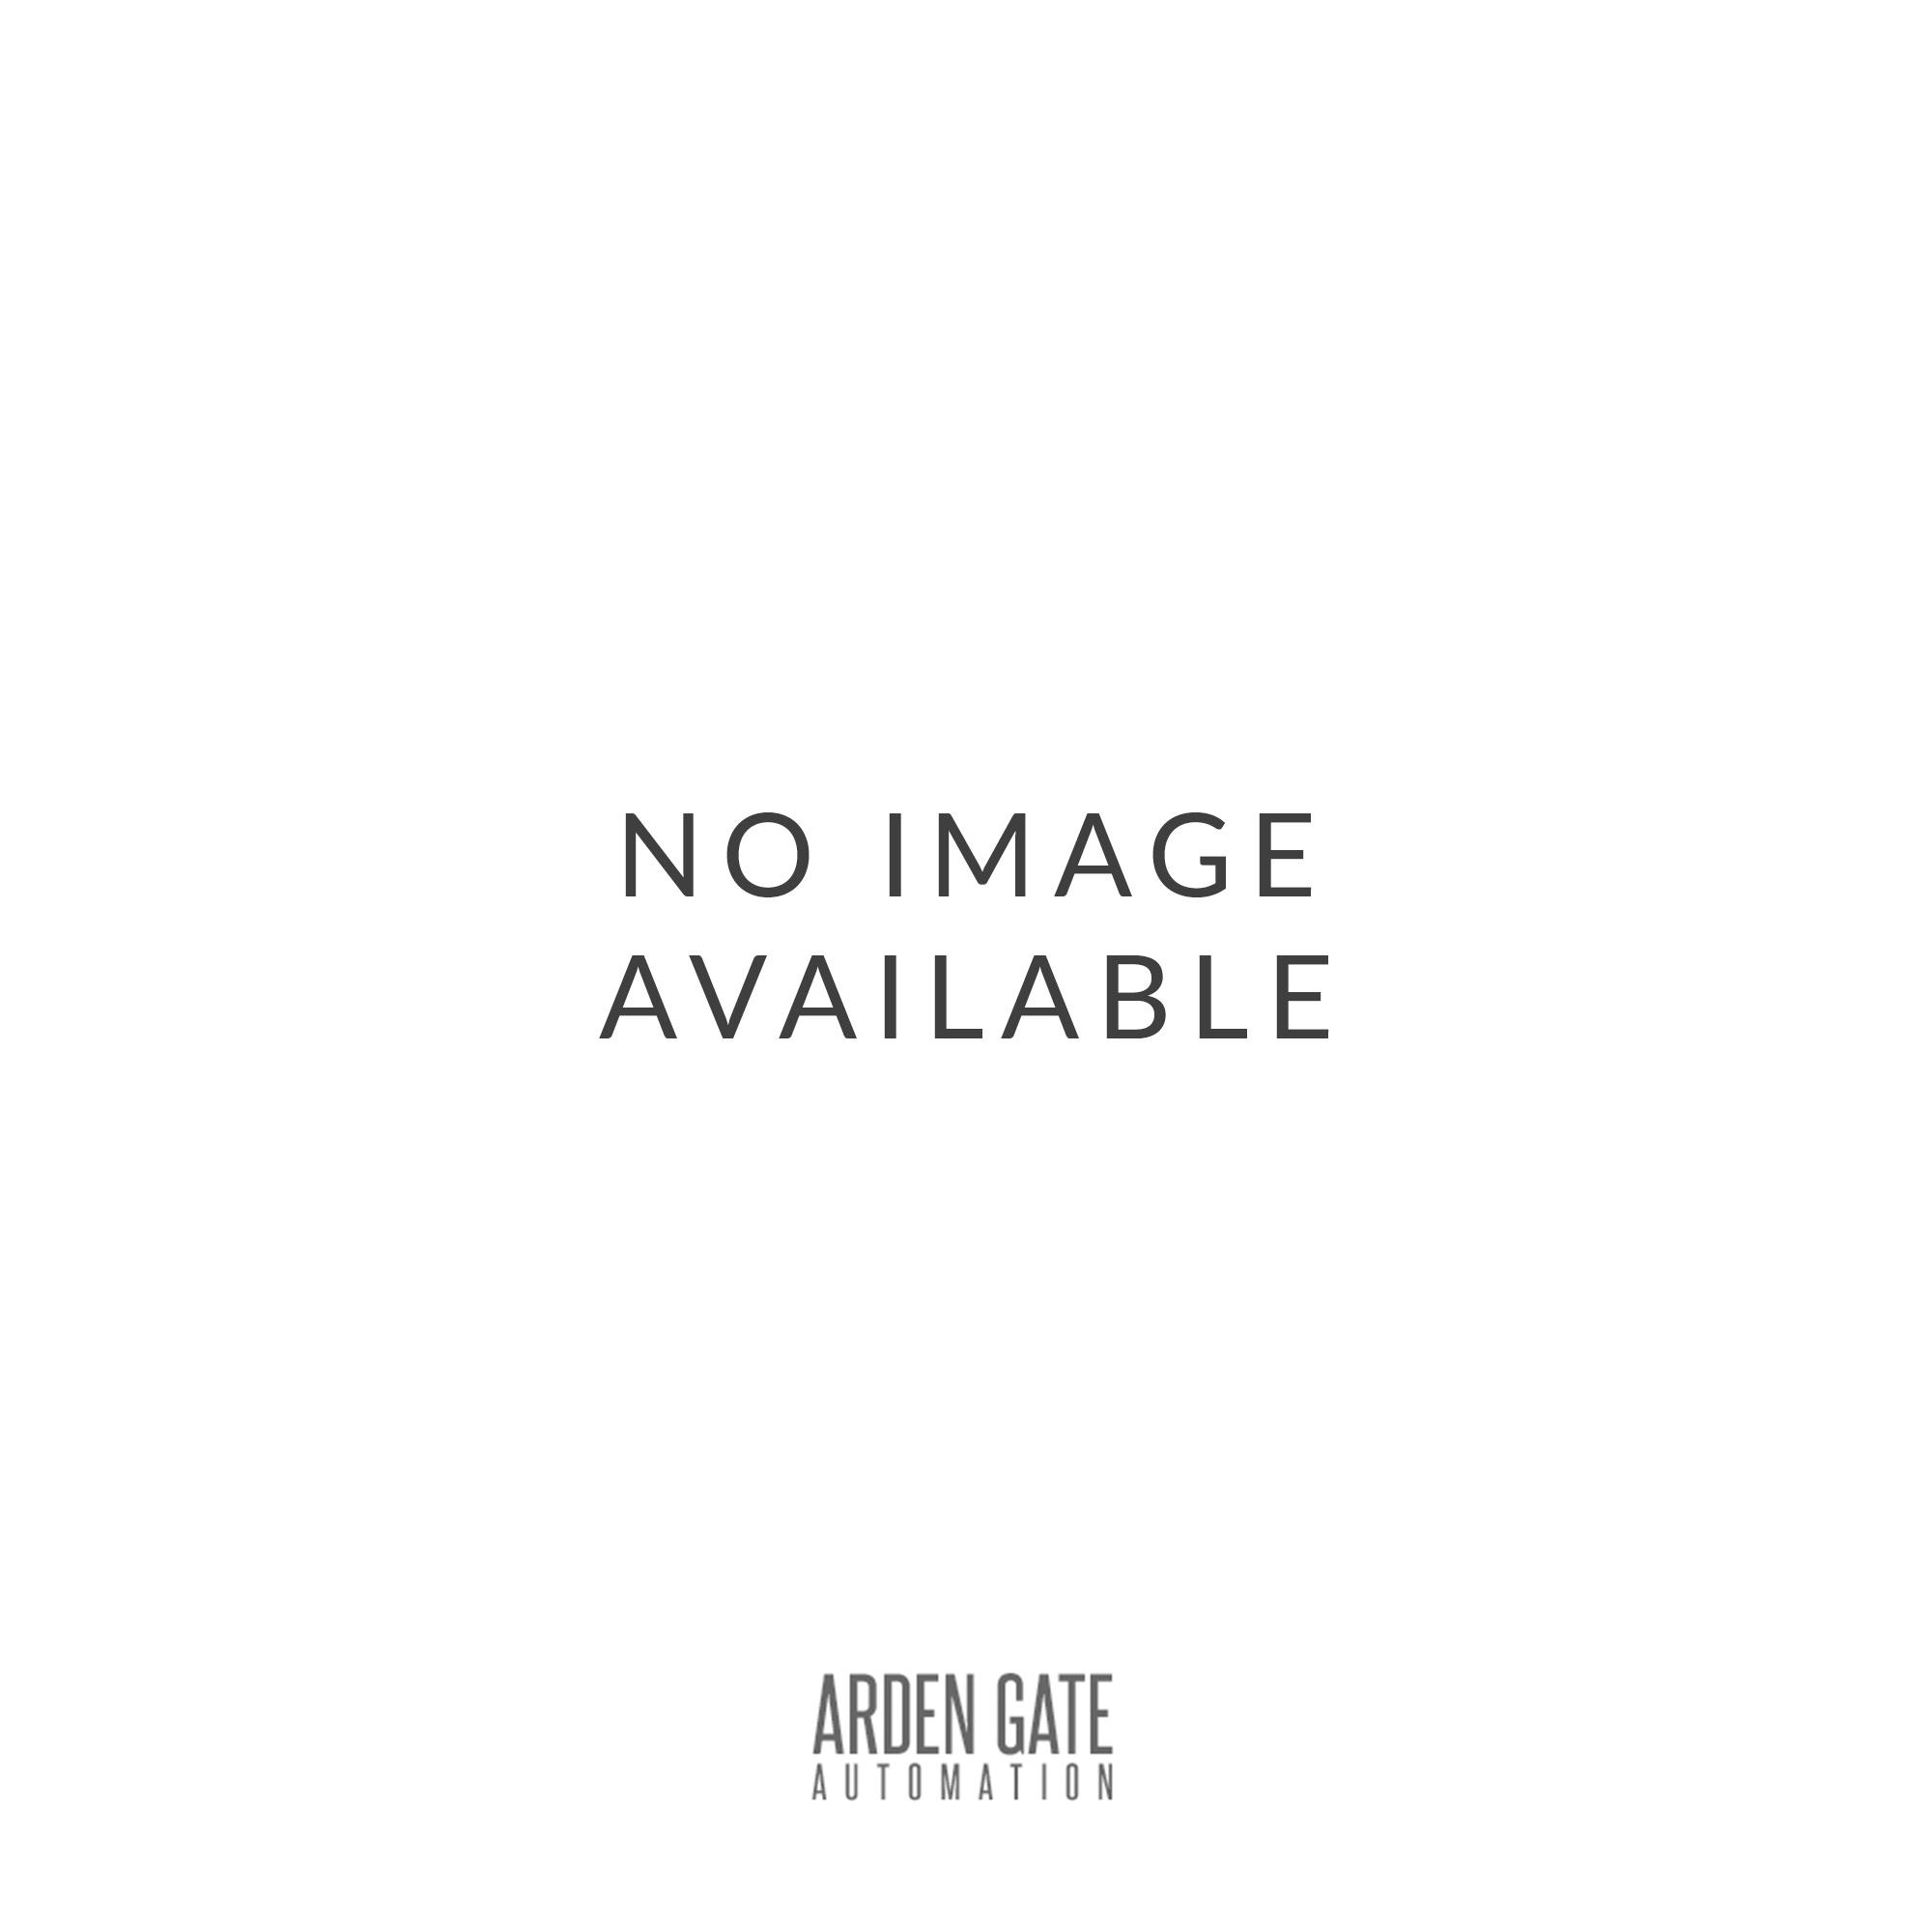 CDVI ALMA - For Hiding Cables